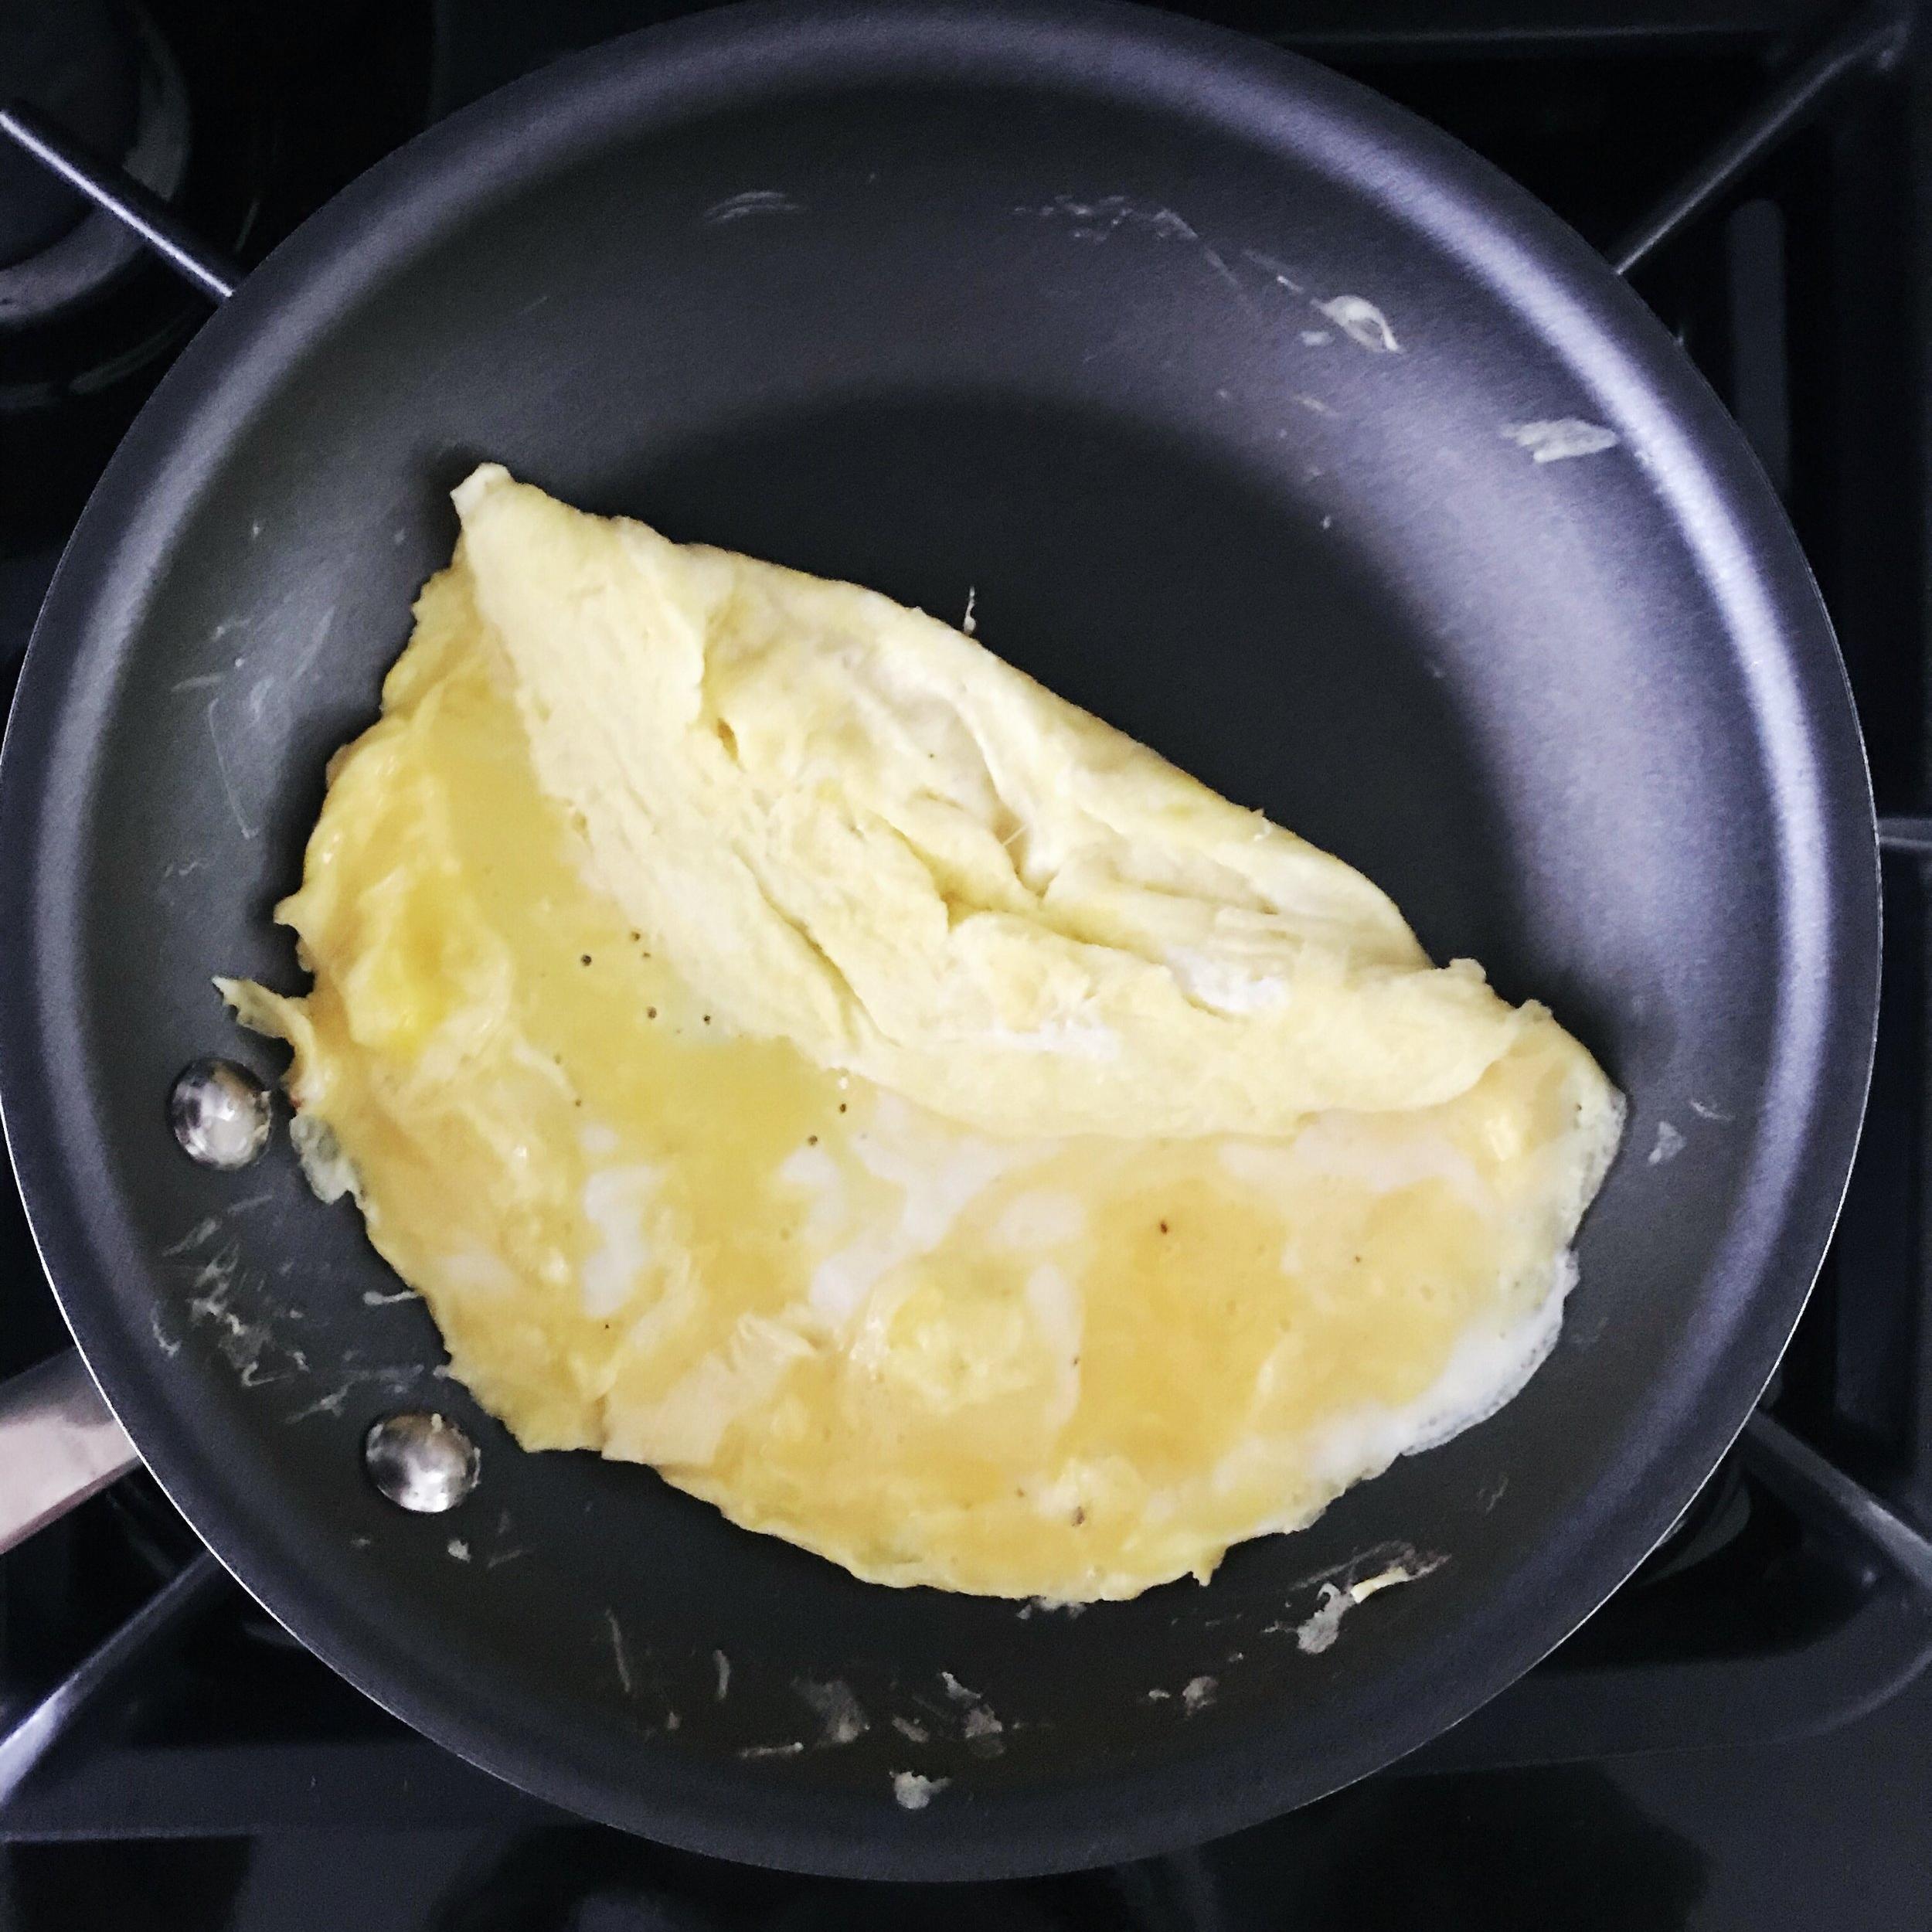 Fold Egg_1.JPG